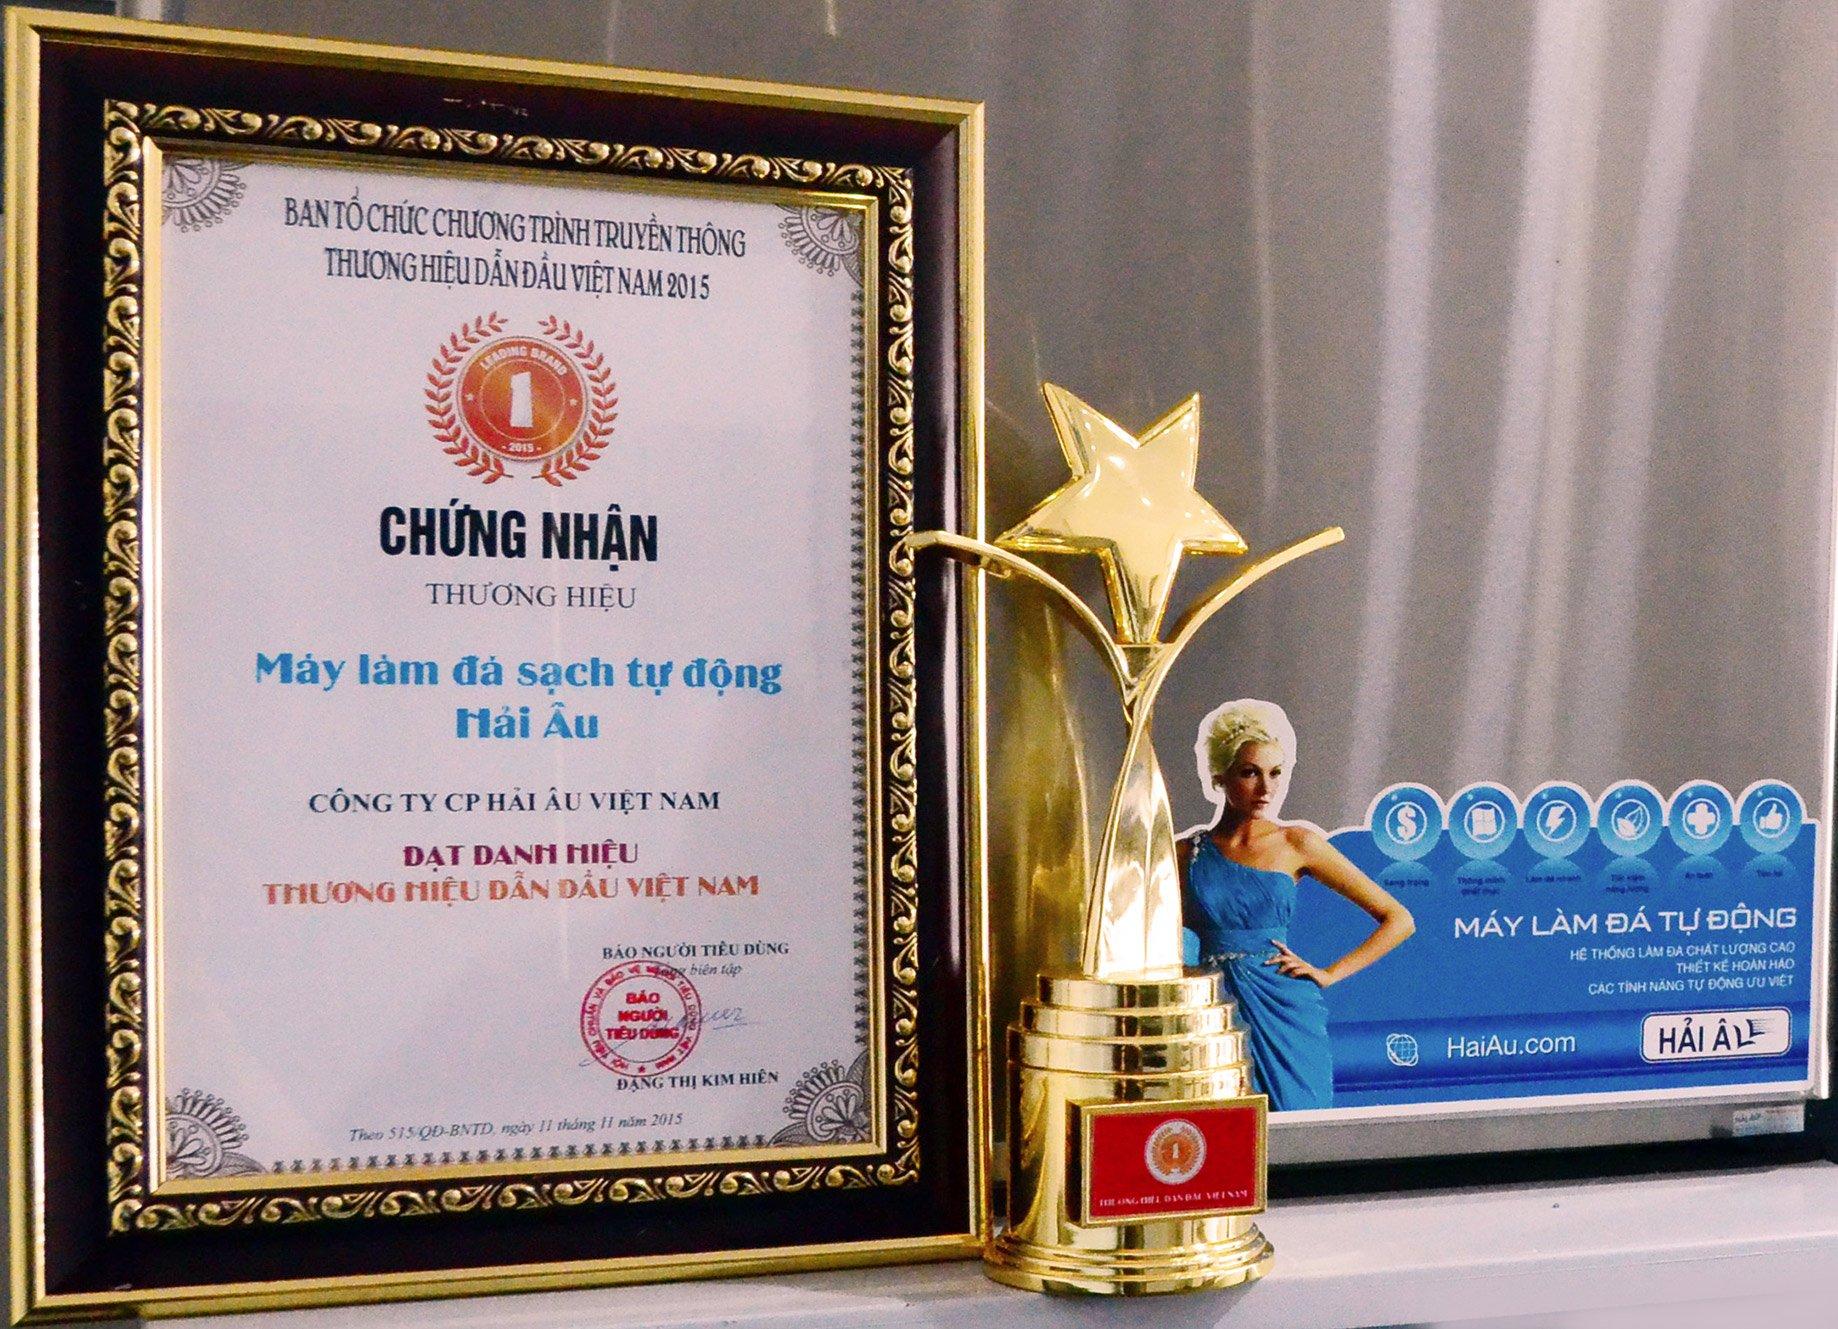 Máy làm đá Hải Âu thuộc top 100 thương hiệu Việt Nam 2015